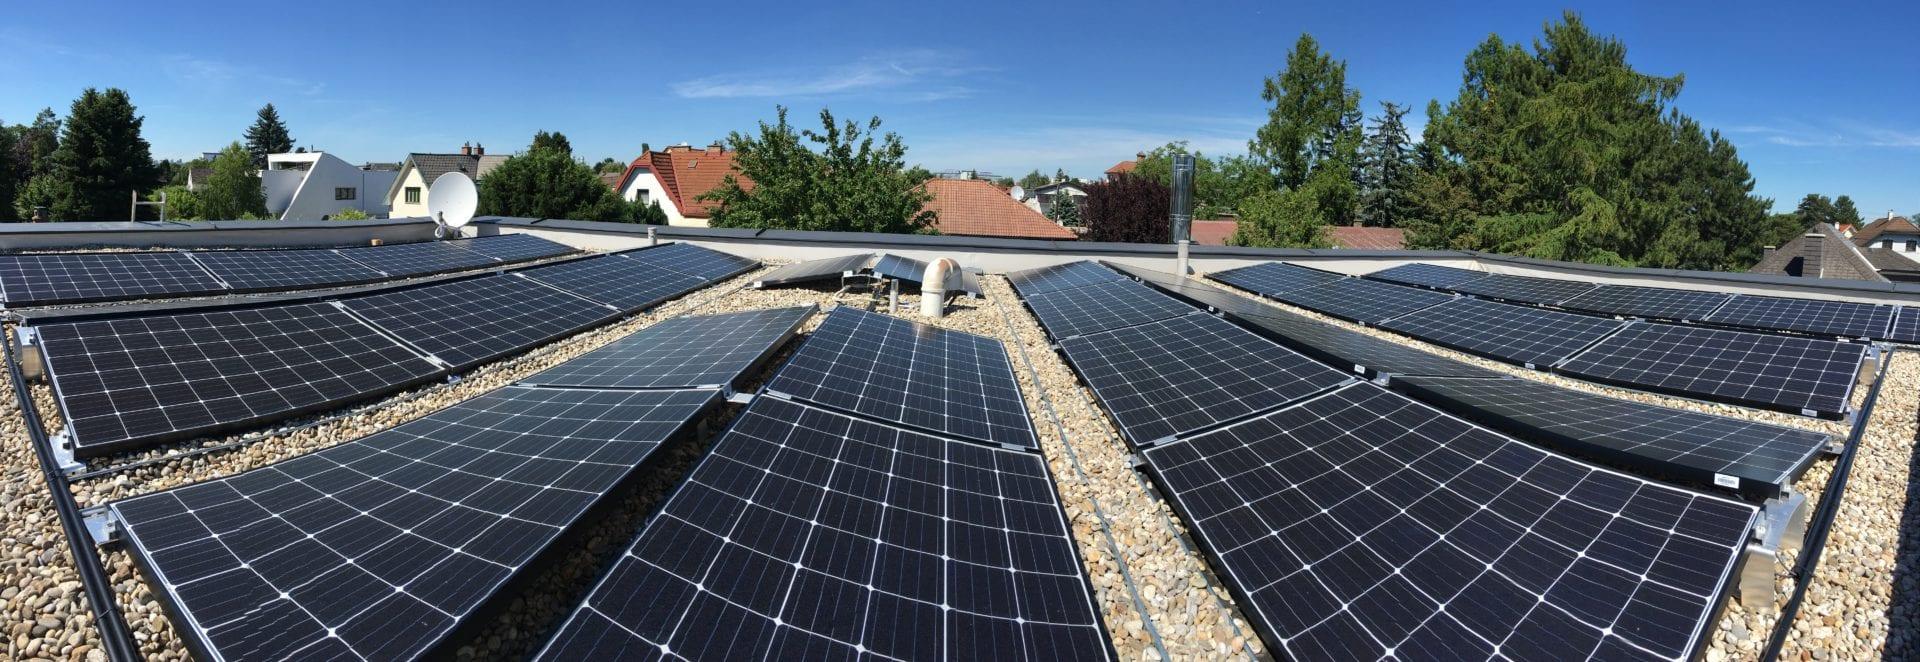 referenz photovoltaik ost west ausrichtung 1